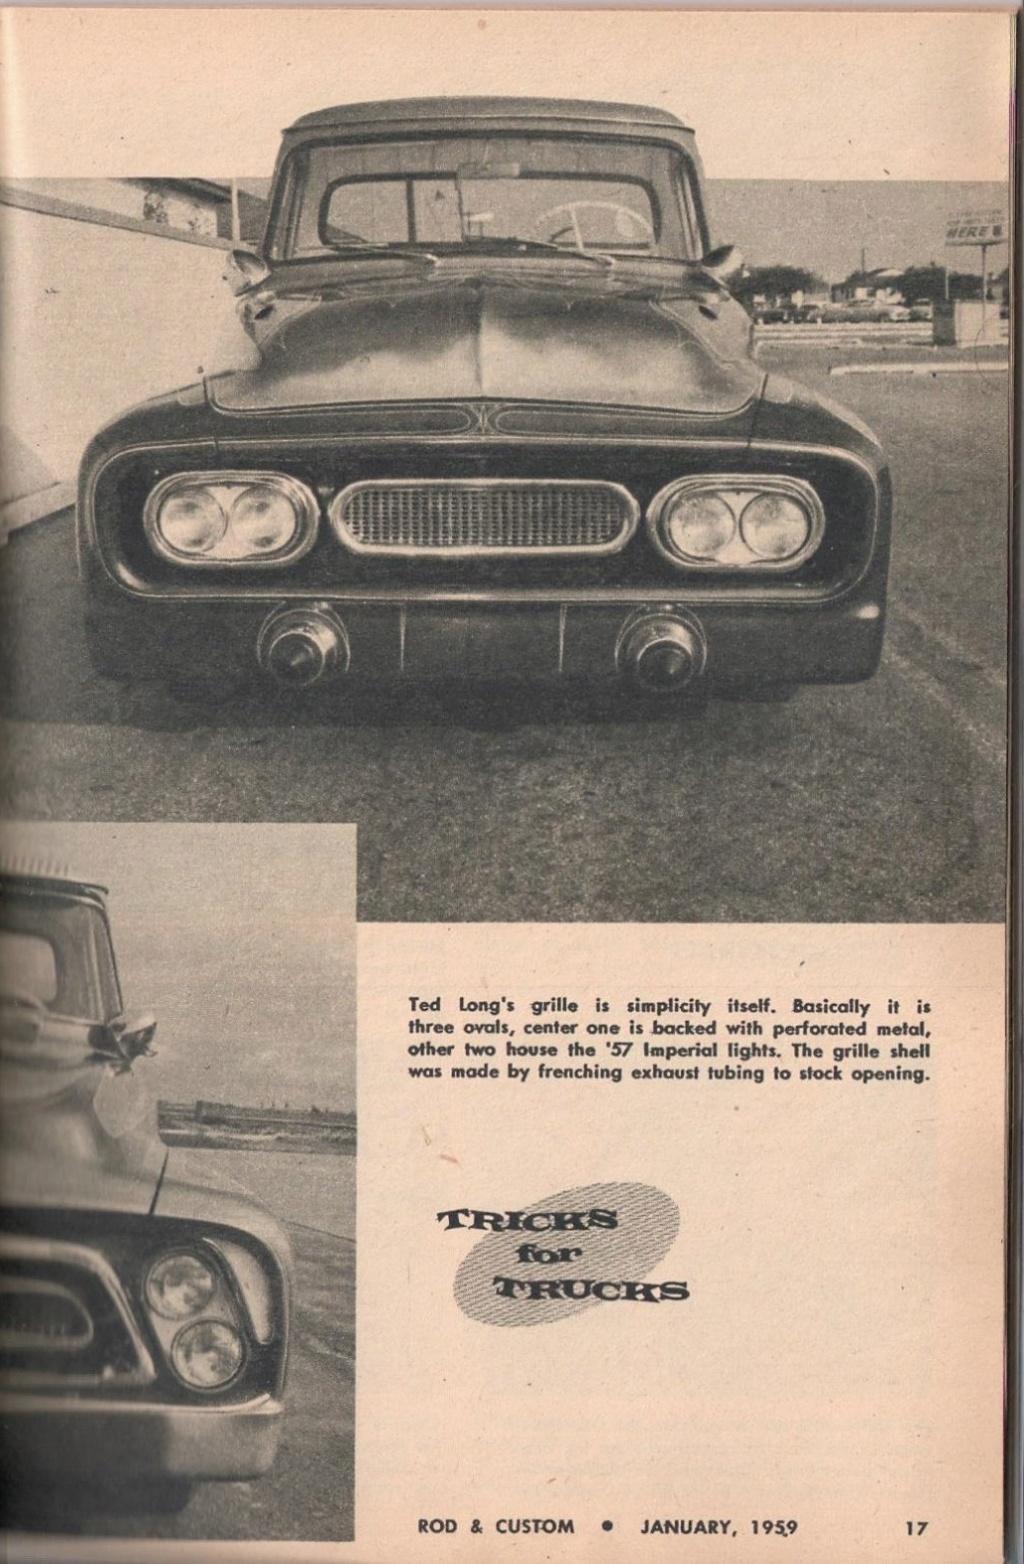 Rod et Custom - January 1959 - Tricks for Trucks - new ideas for pick up 1722